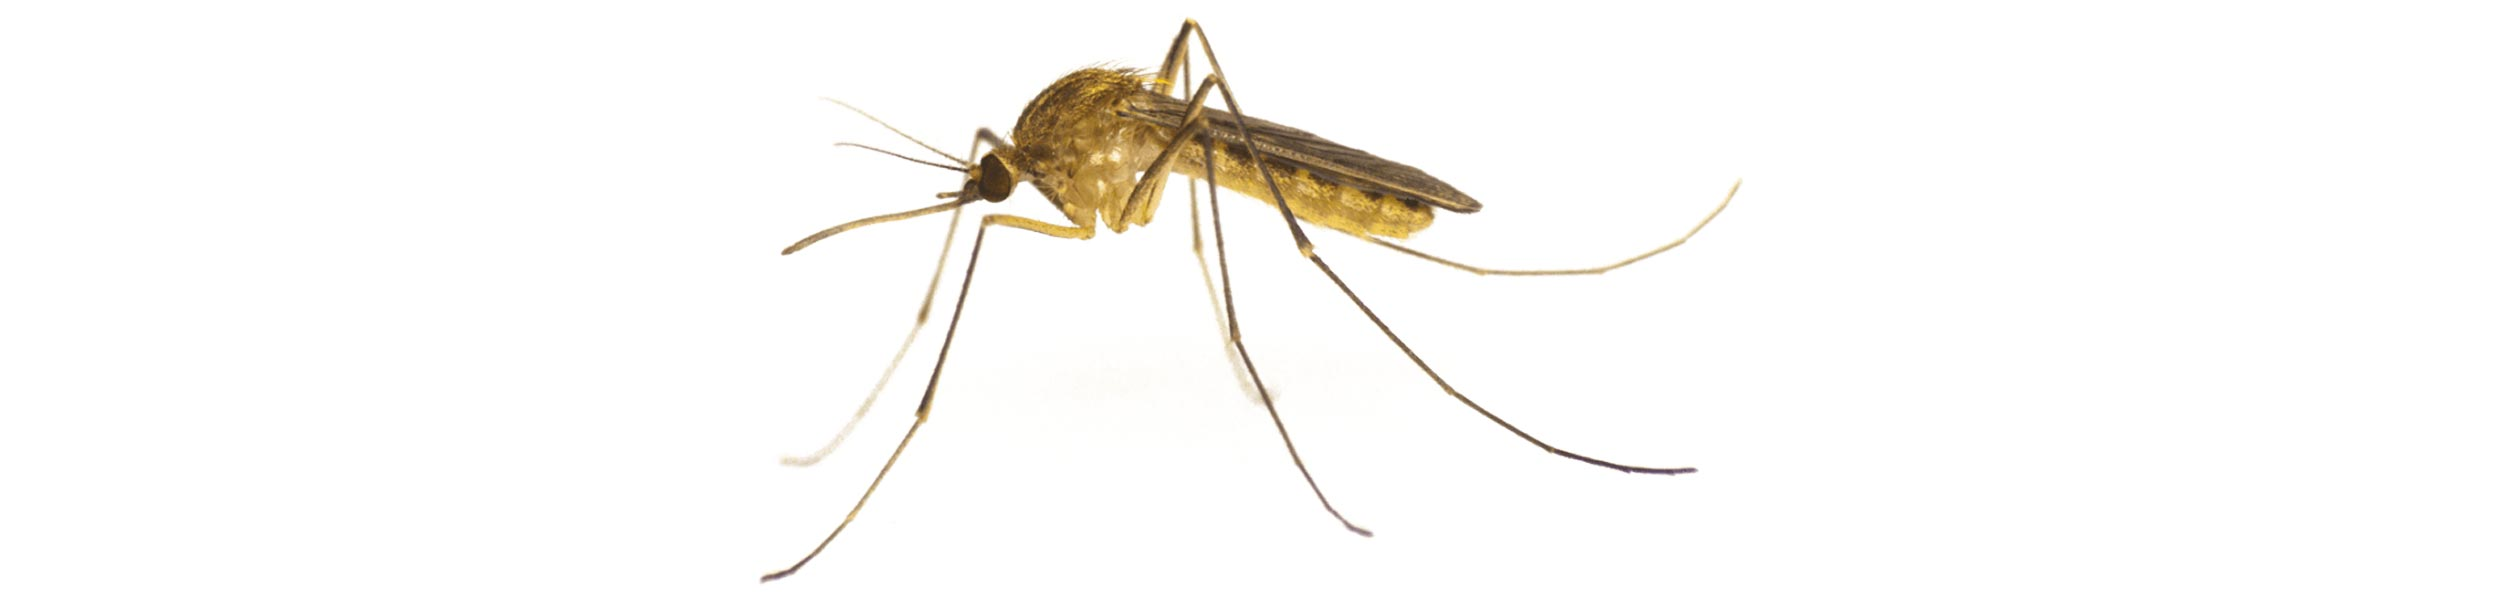 ACE Exterminating-Pest-Control-Mosquito-Close-Header